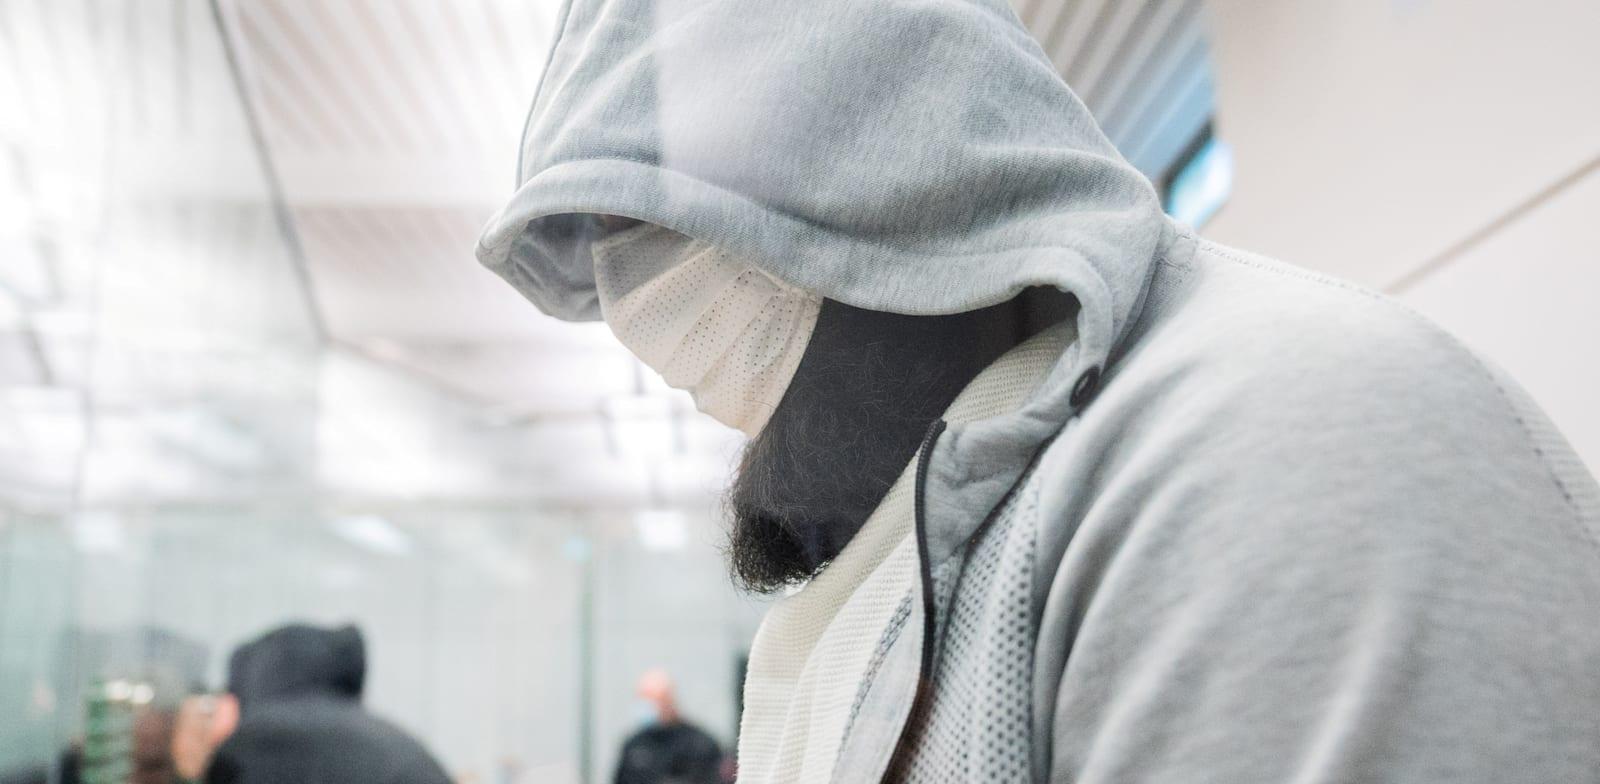 """מעצרו של אחמד עבדול-עזיז עבדאללה, חבר בכיר בדאע""""ש, המכונה """"אבו-וואלה"""" / צילום: Reuters, Julian Stratenschulte"""